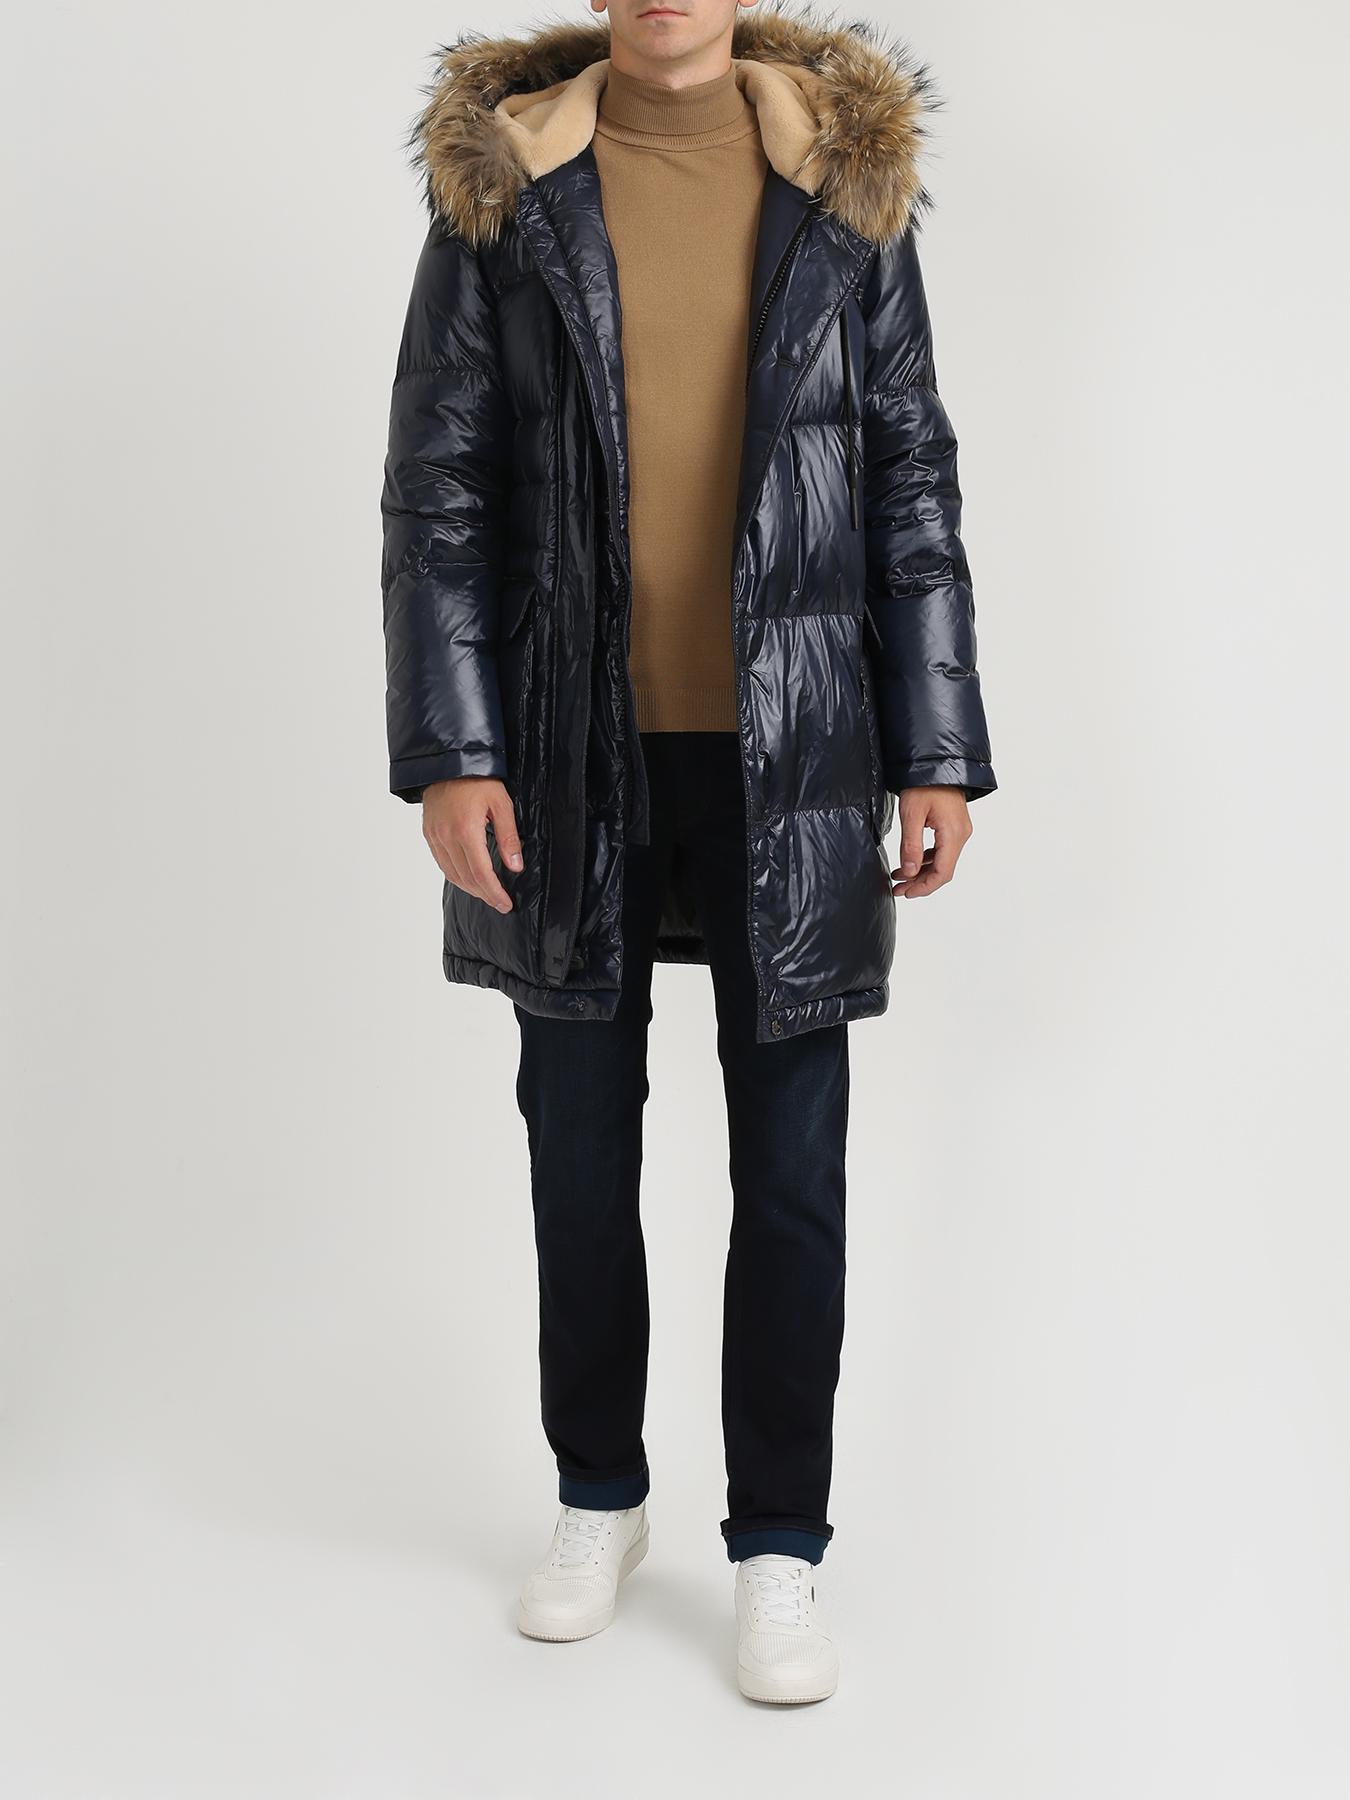 Куртка Finisterre Мужской пуховик с капюшоном мужской пуховик 90% jk 076